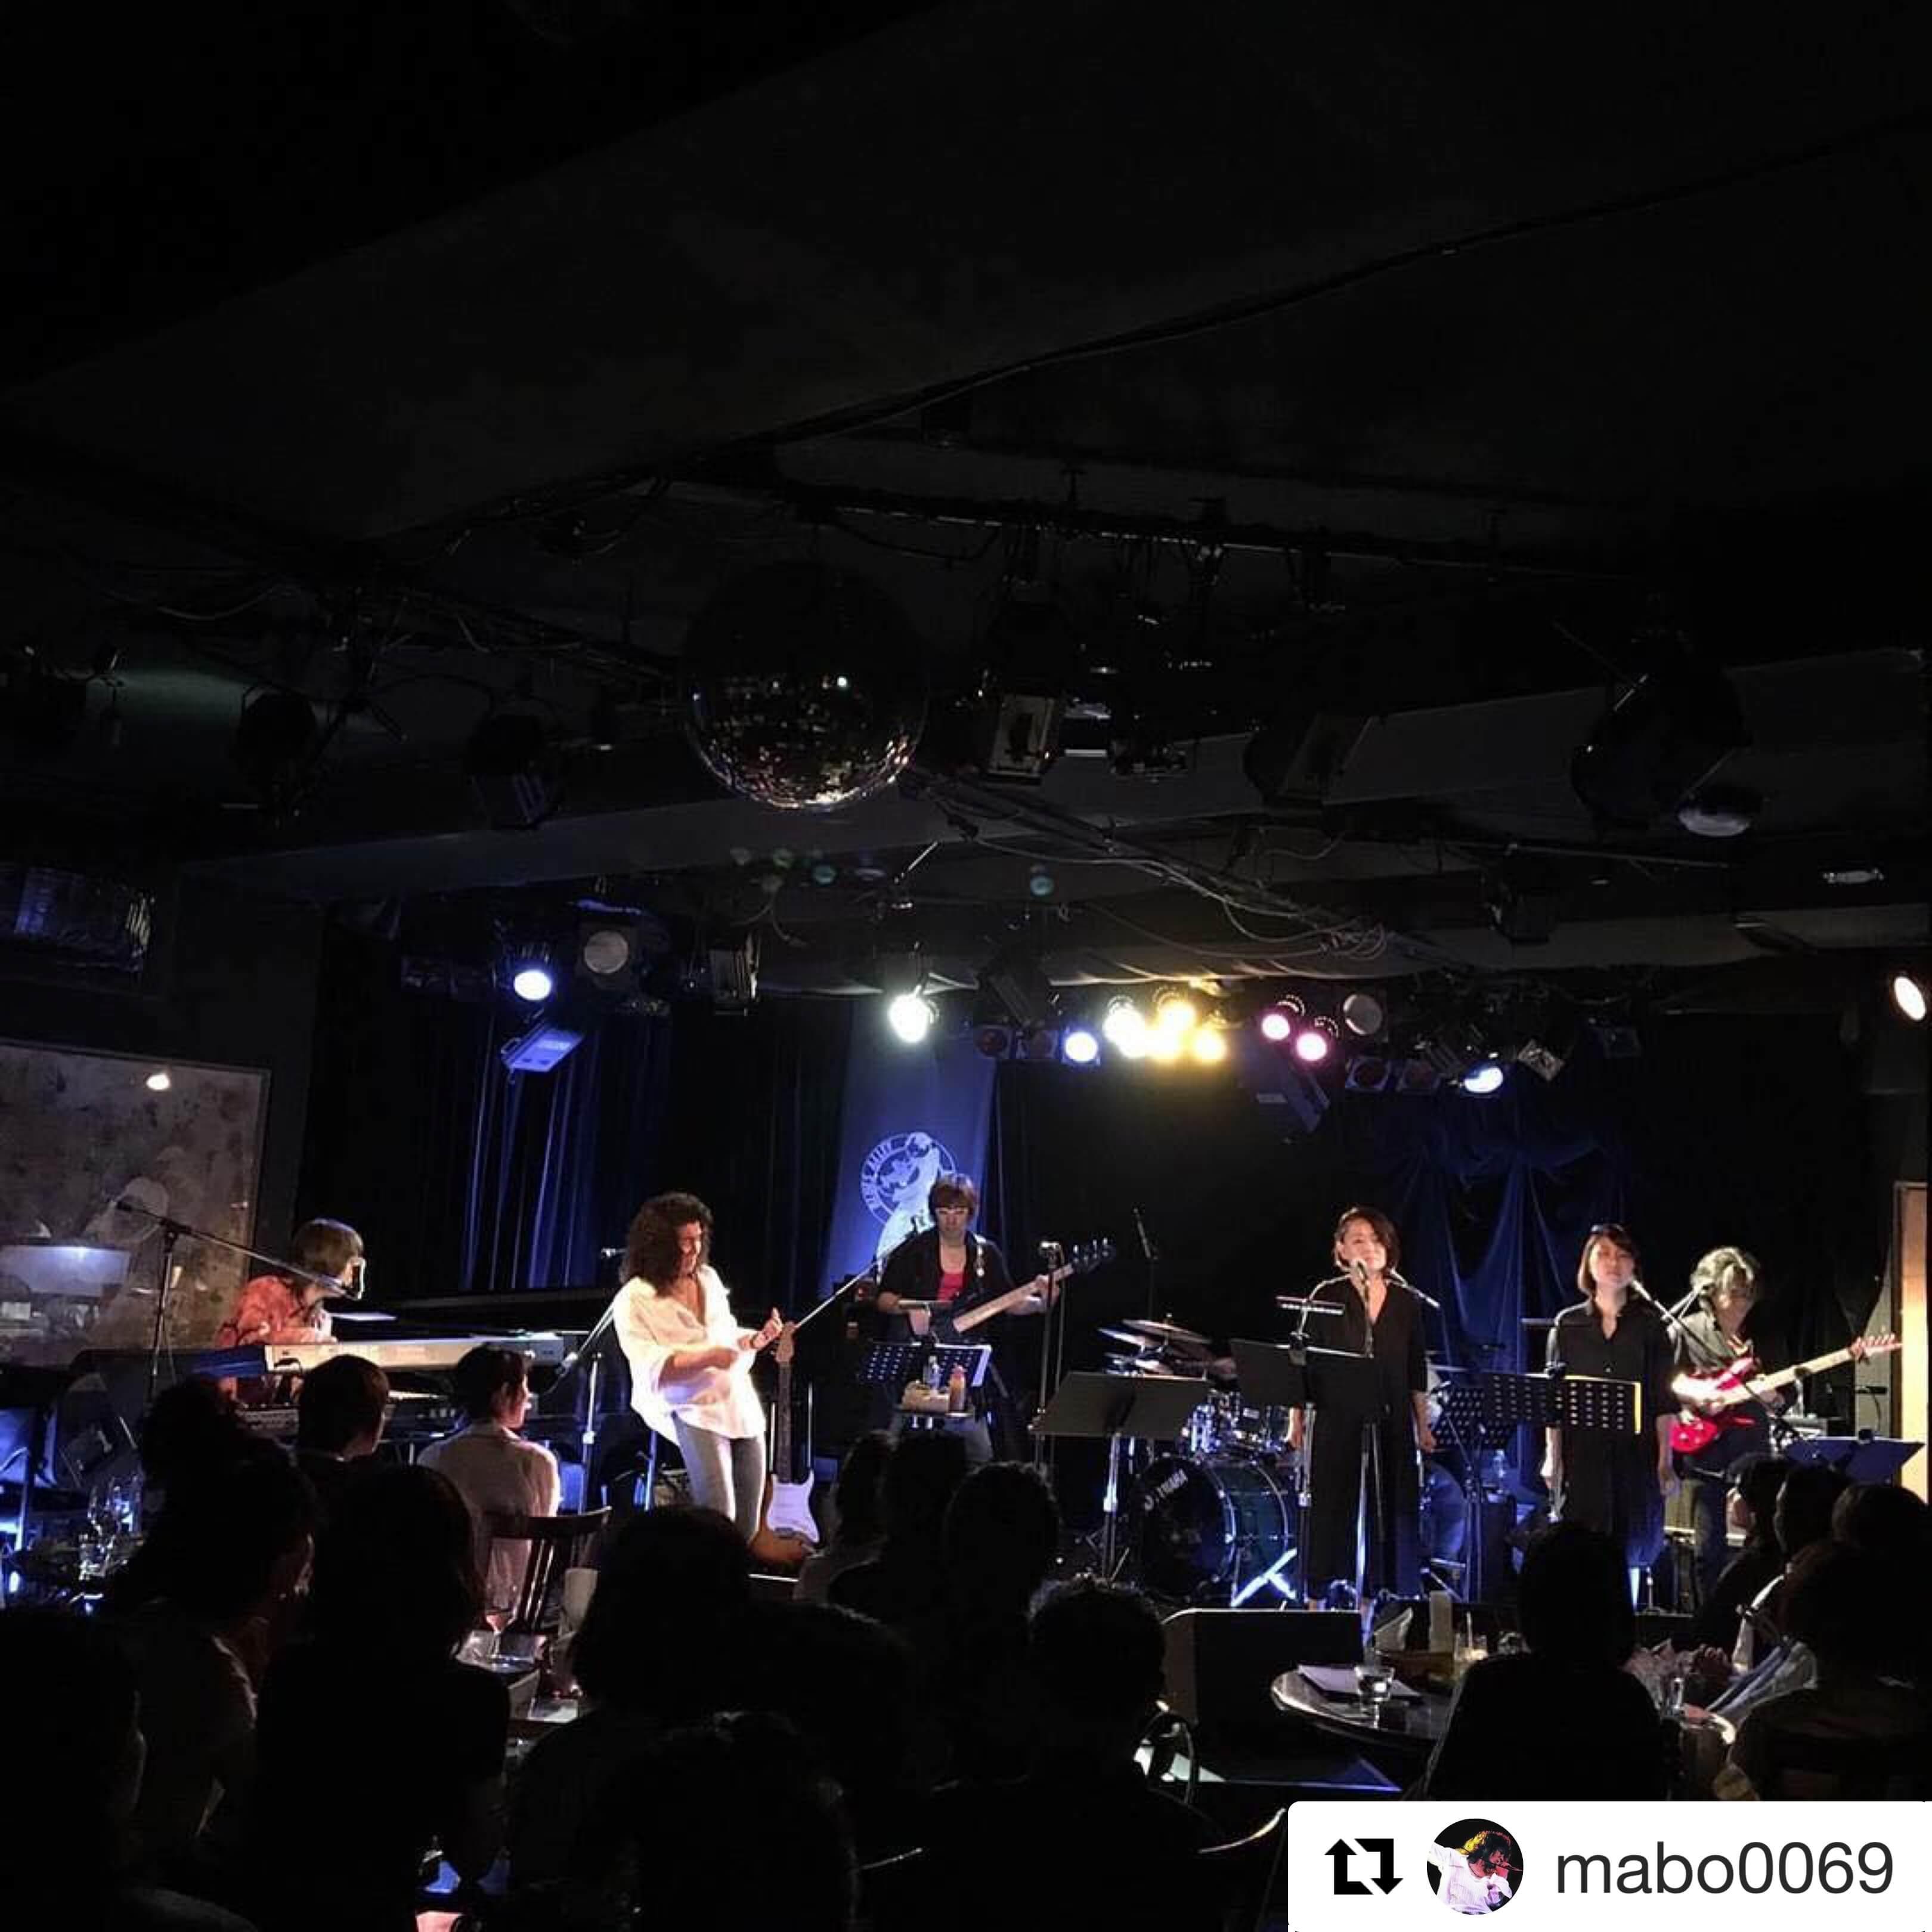 2018.8.8田中昌之LIVEゲスト出演ありがとう御座いました☆